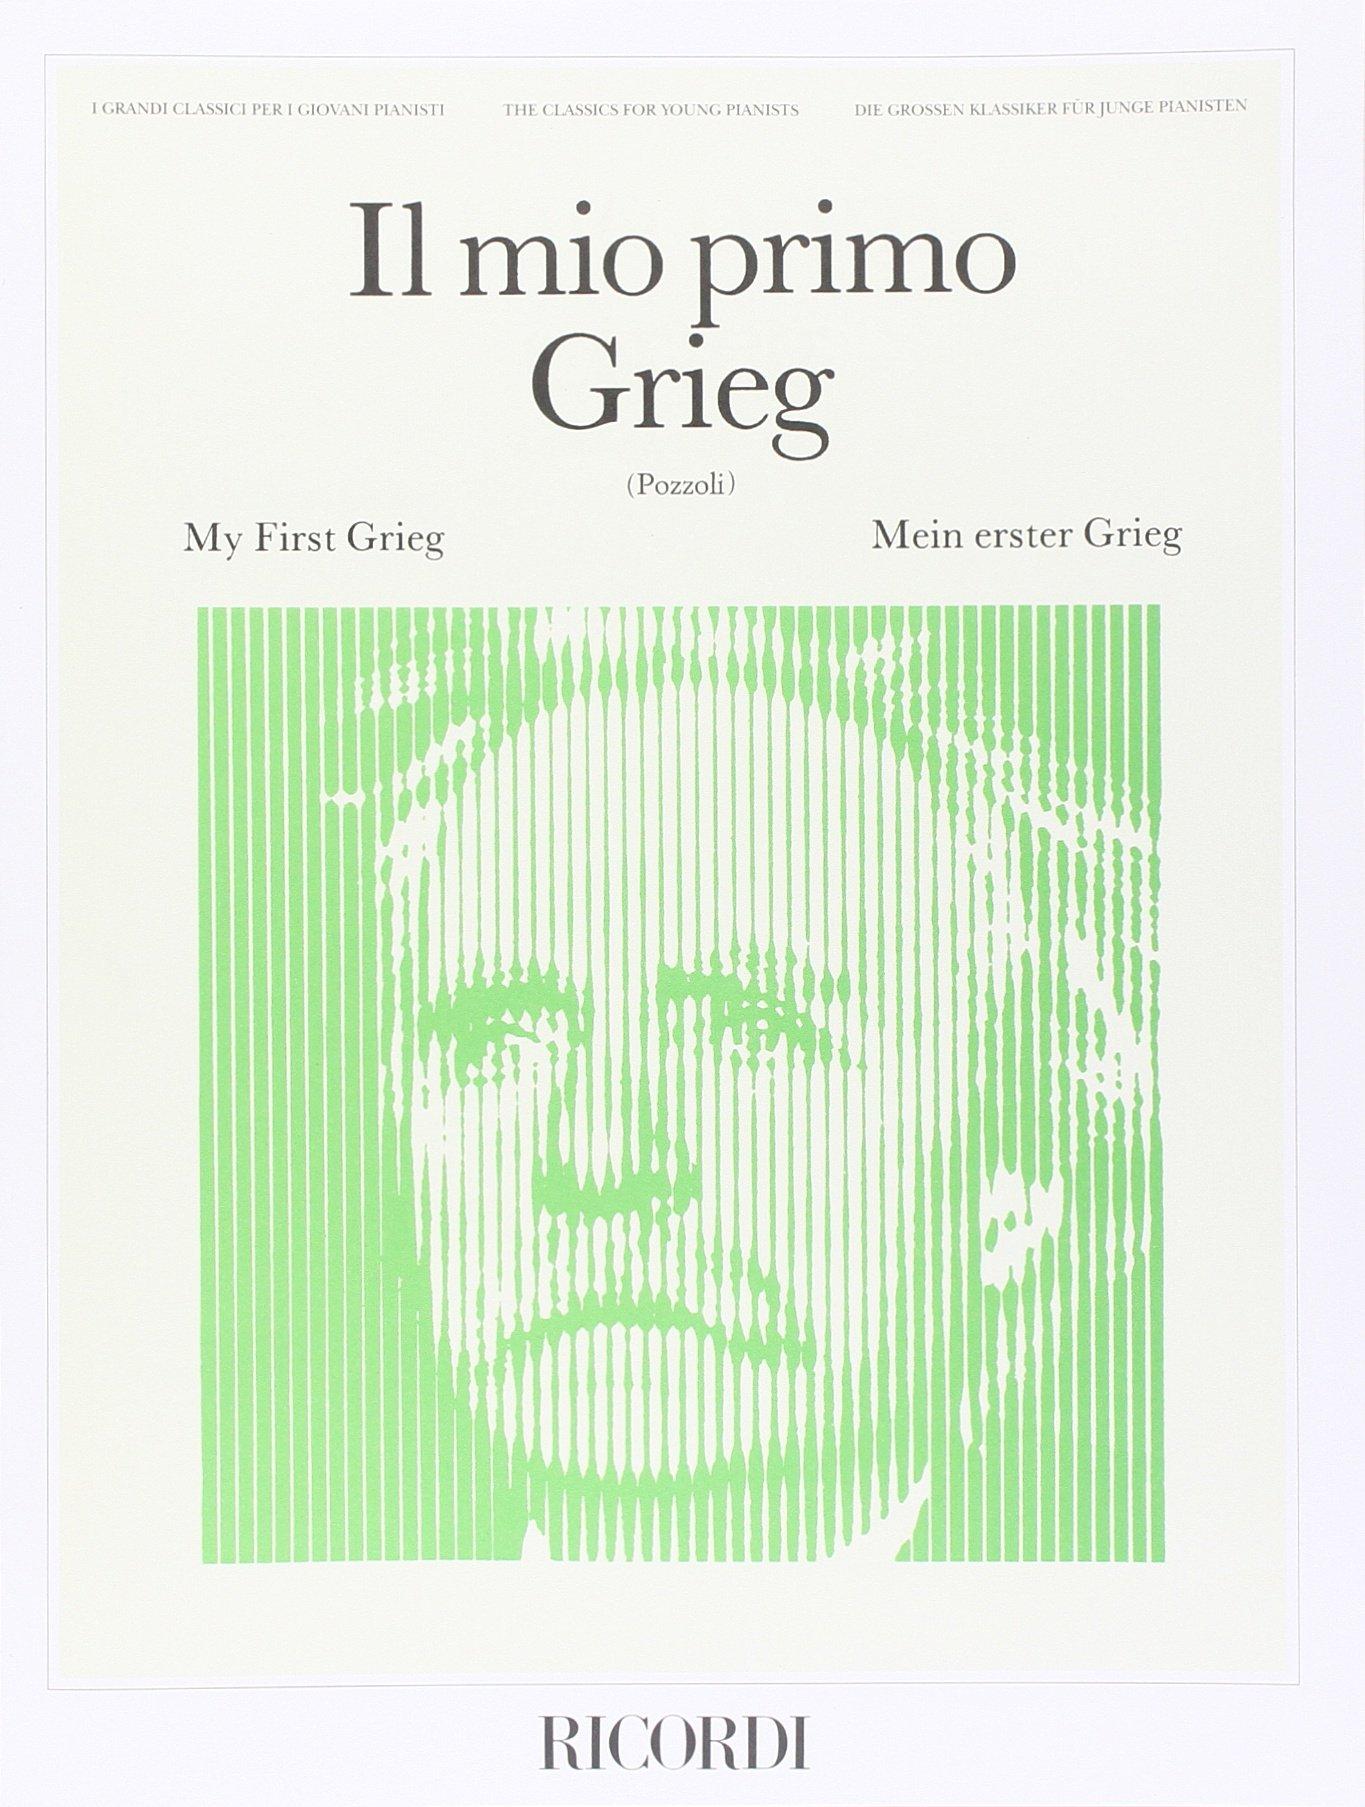 IL MIO PRIMO GRIEG (Francese) Copertina flessibile – 1 giu 1978 GRIEG E. Ricordi 0041826000 Musique